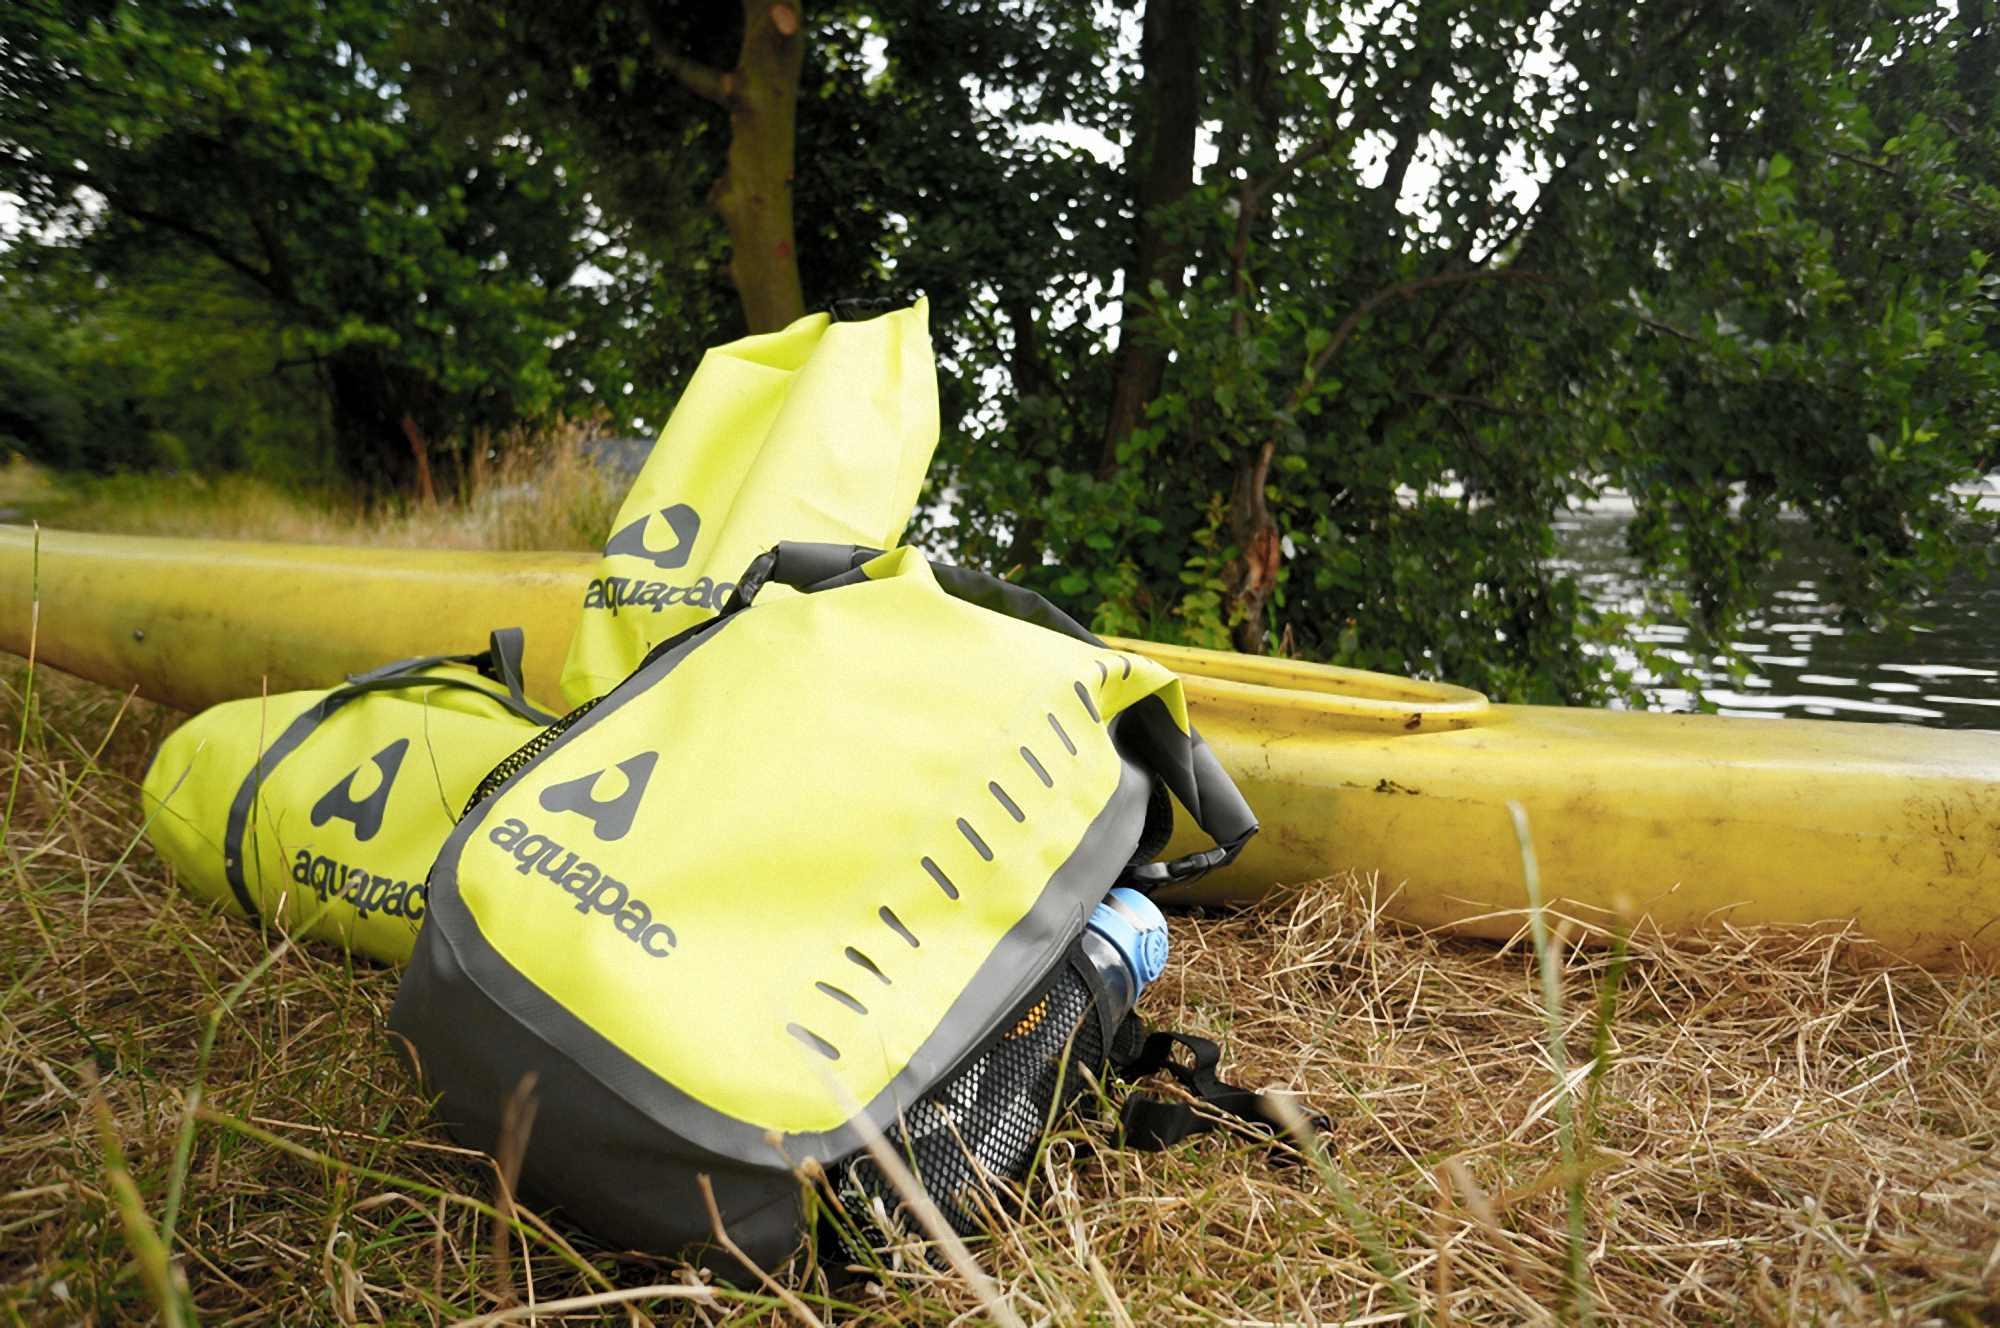 Водонепроницаемая сумка Aquapac 725 - TrailProof Duffels - 90L.. Aquapac - №1 в мире водонепроницаемых чехлов и сумок. Фото 6